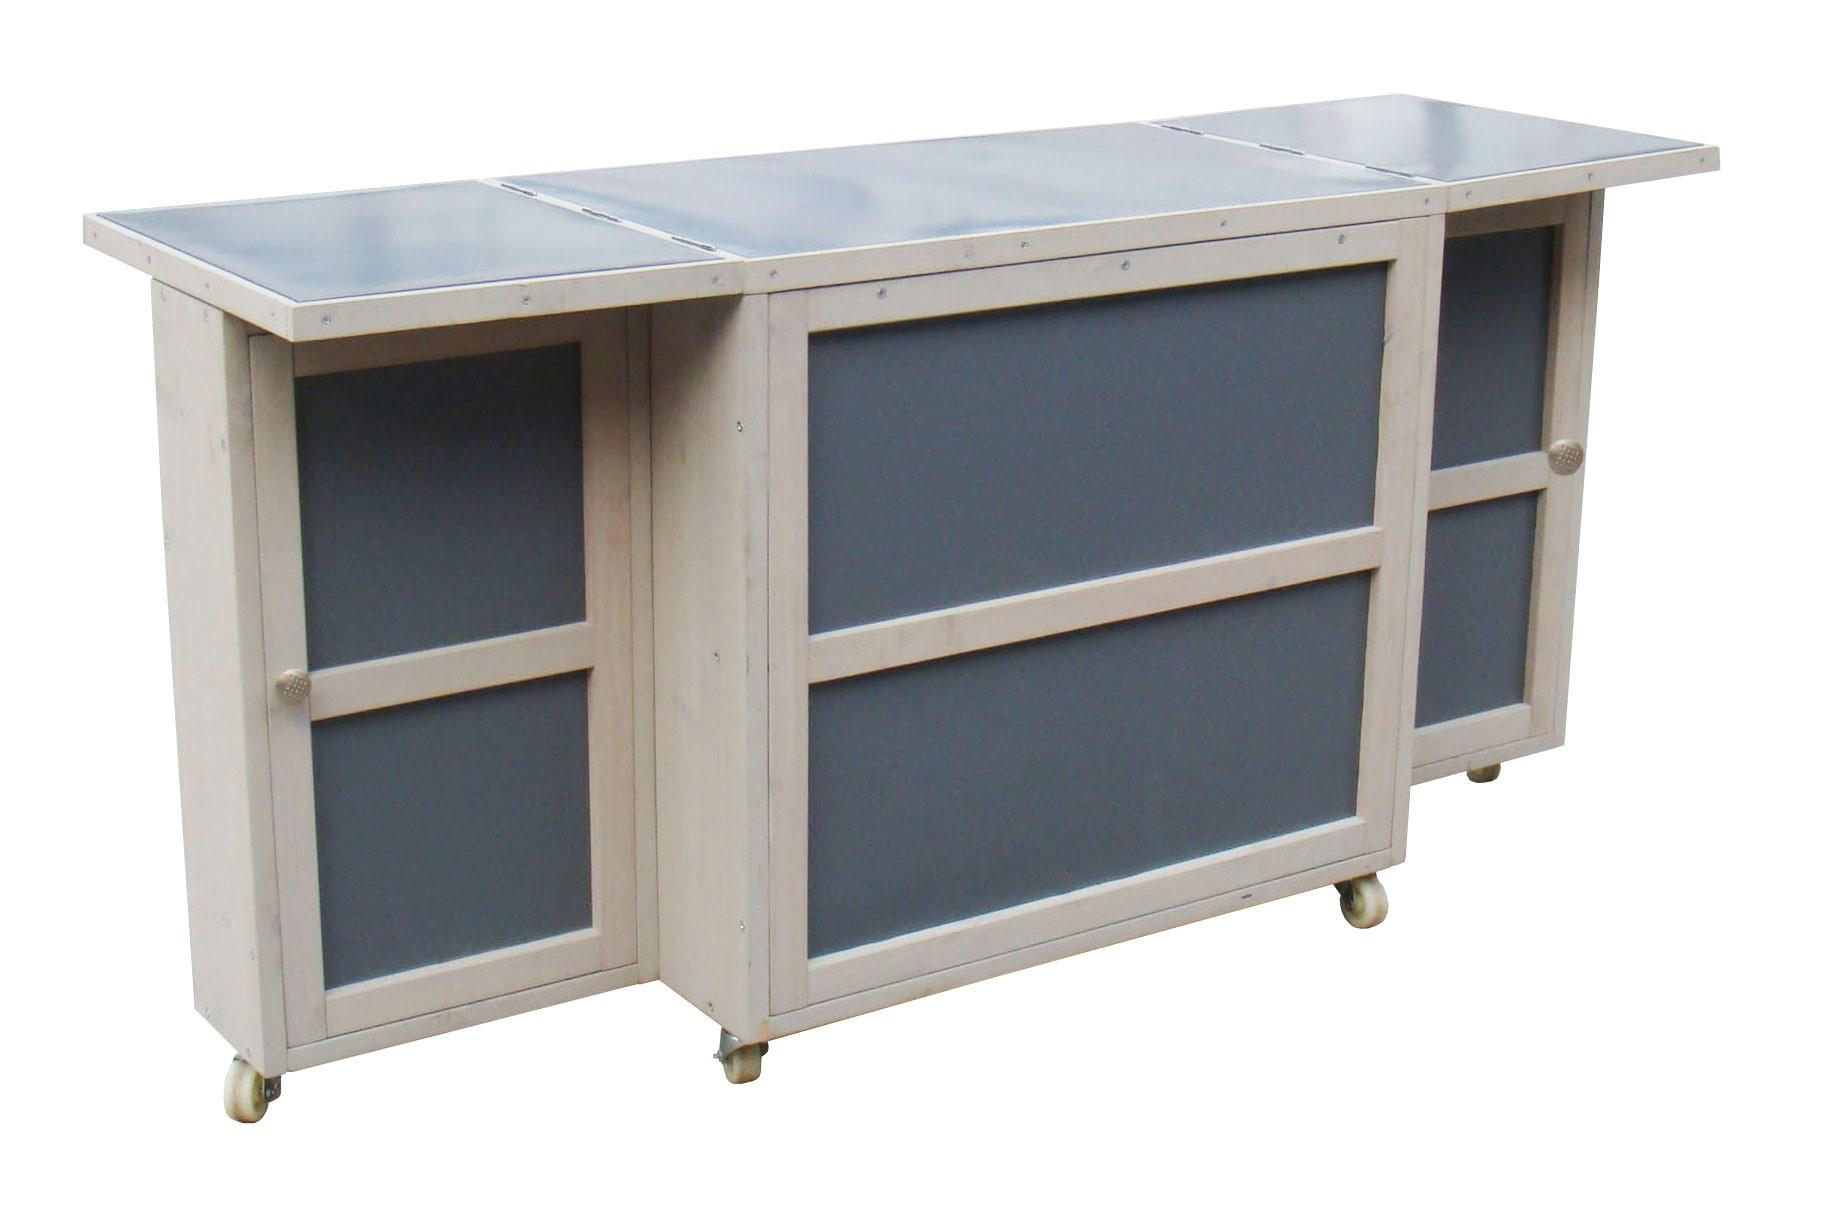 grilltisch habau caddy mit verzinkter arbeitsplatte 70x44x71cm bei. Black Bedroom Furniture Sets. Home Design Ideas